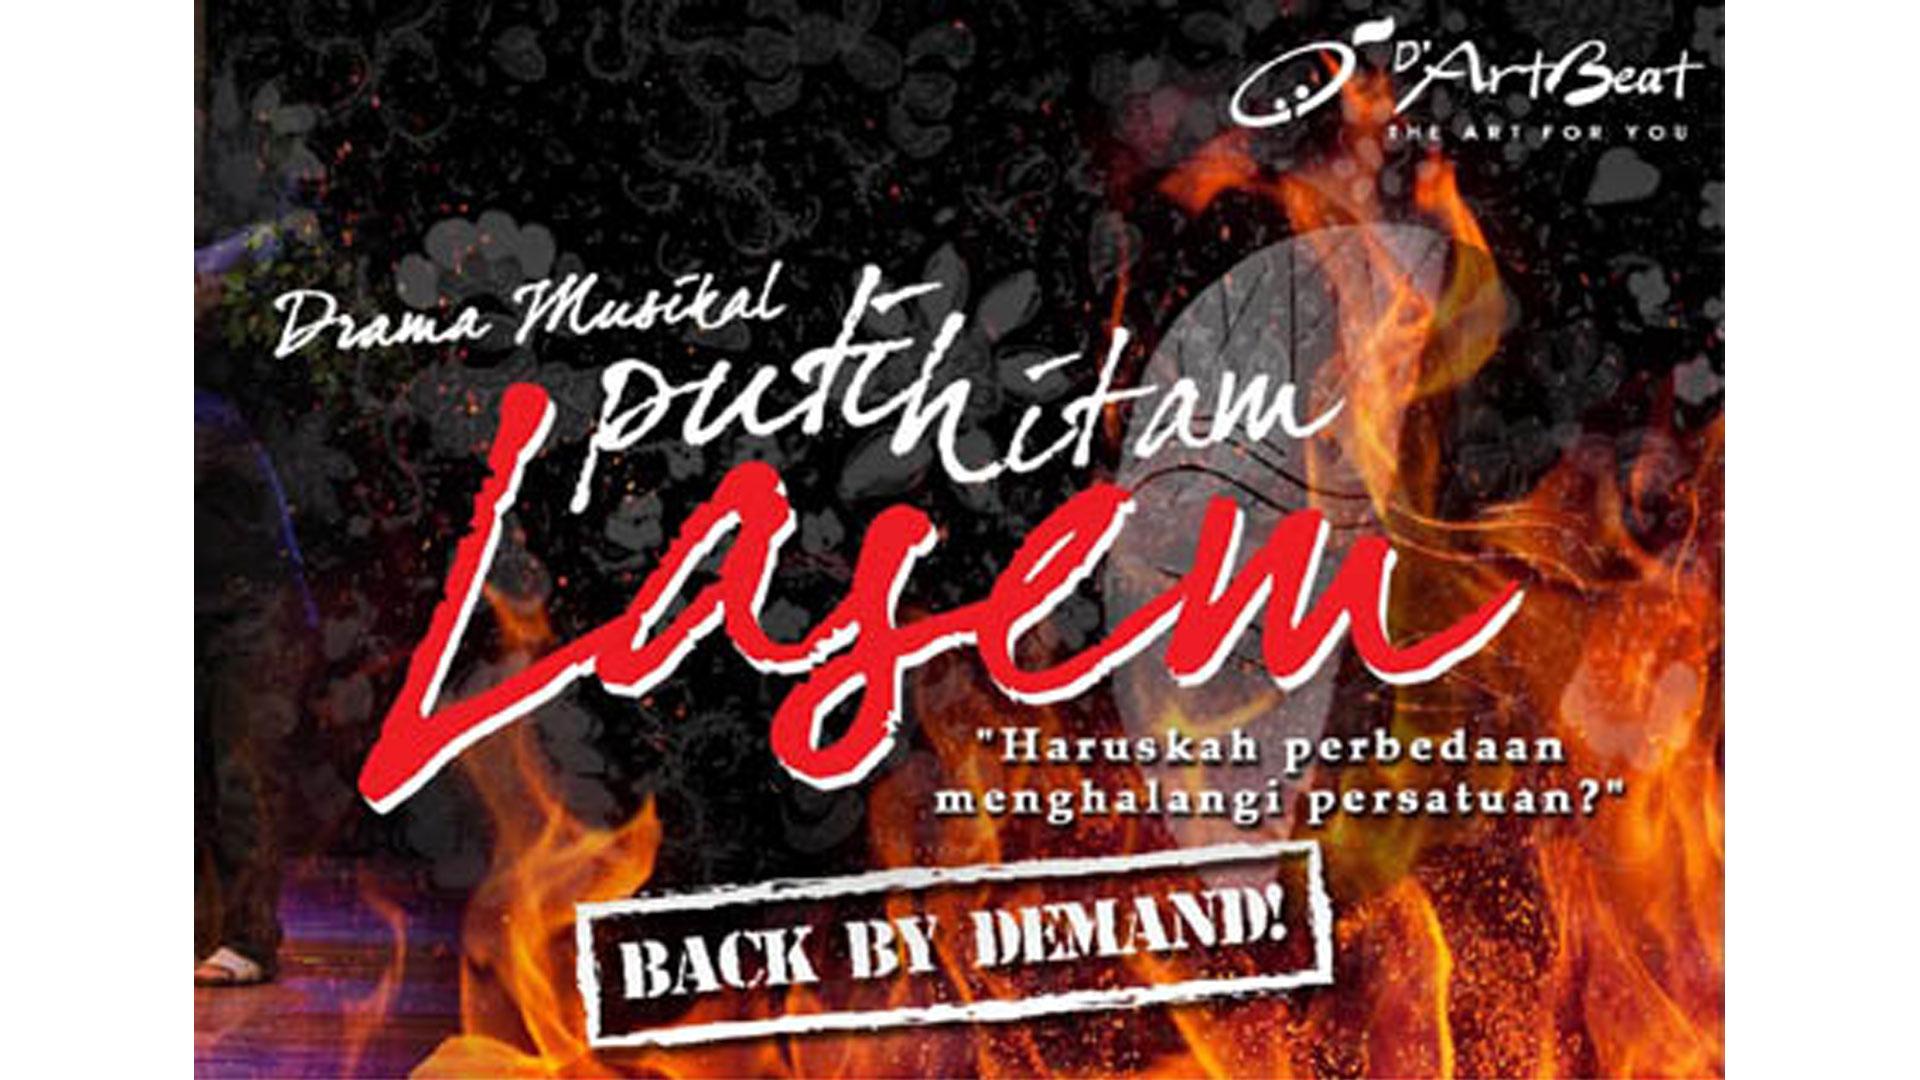 Back by Demand - Drama Musikal Putih Hitam Lasem